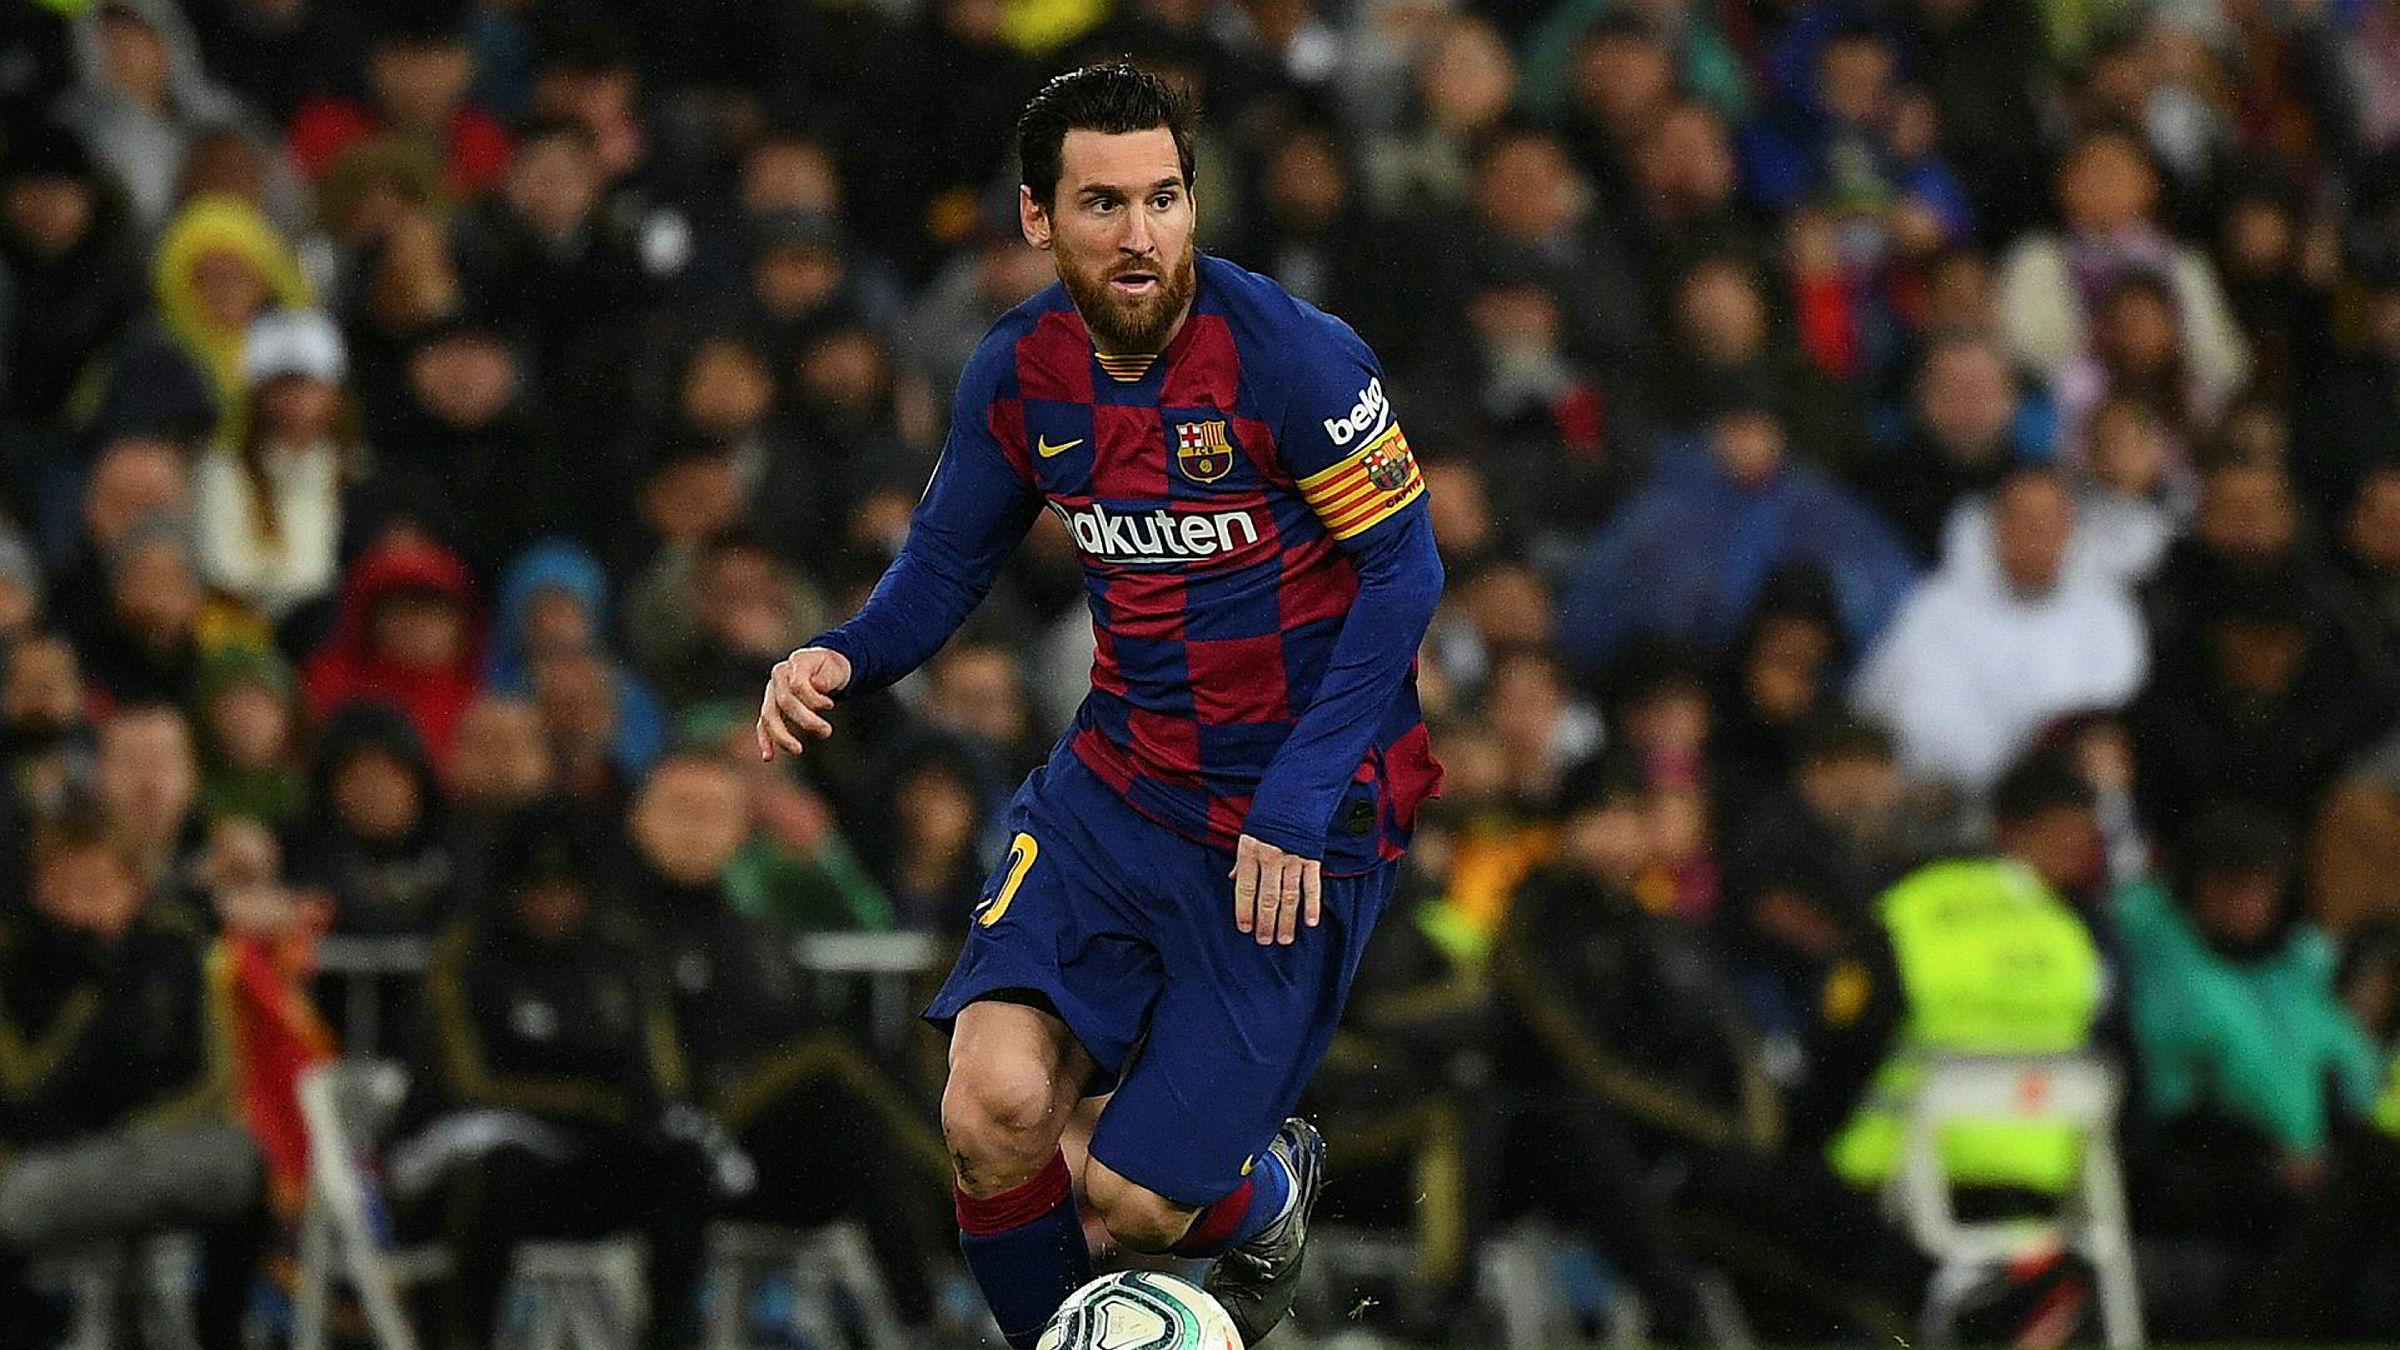 Lionel Messi er en talentfull fotballspiller, men bare når han spiller i sin posisjon, skriver innleggsforfatteren. Han savner en logisk begrunnelse bak Norges Banks ansettelse av Nicolay Tangen.